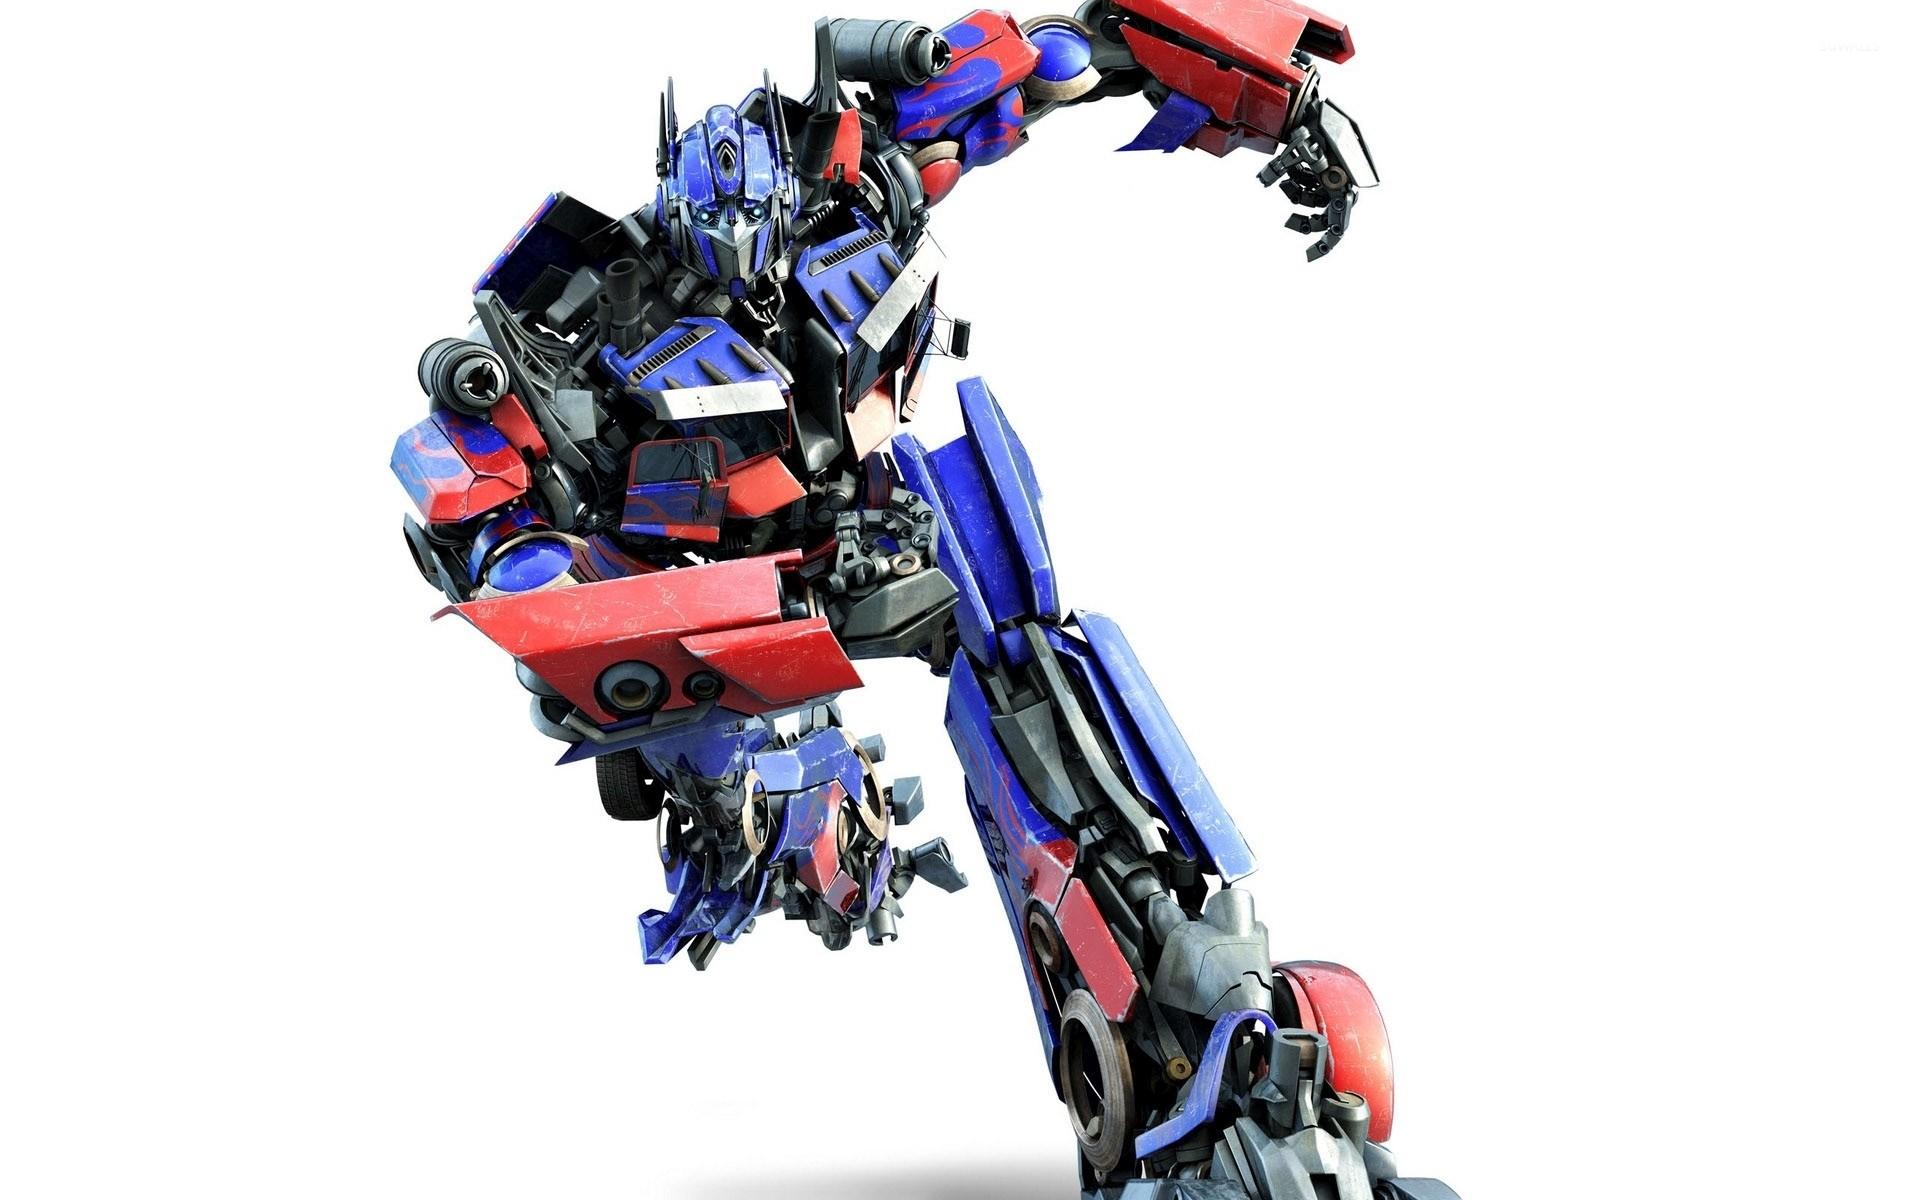 Transformers optimus prime wallpaper 64 images - Transformers prime wallpaper ...